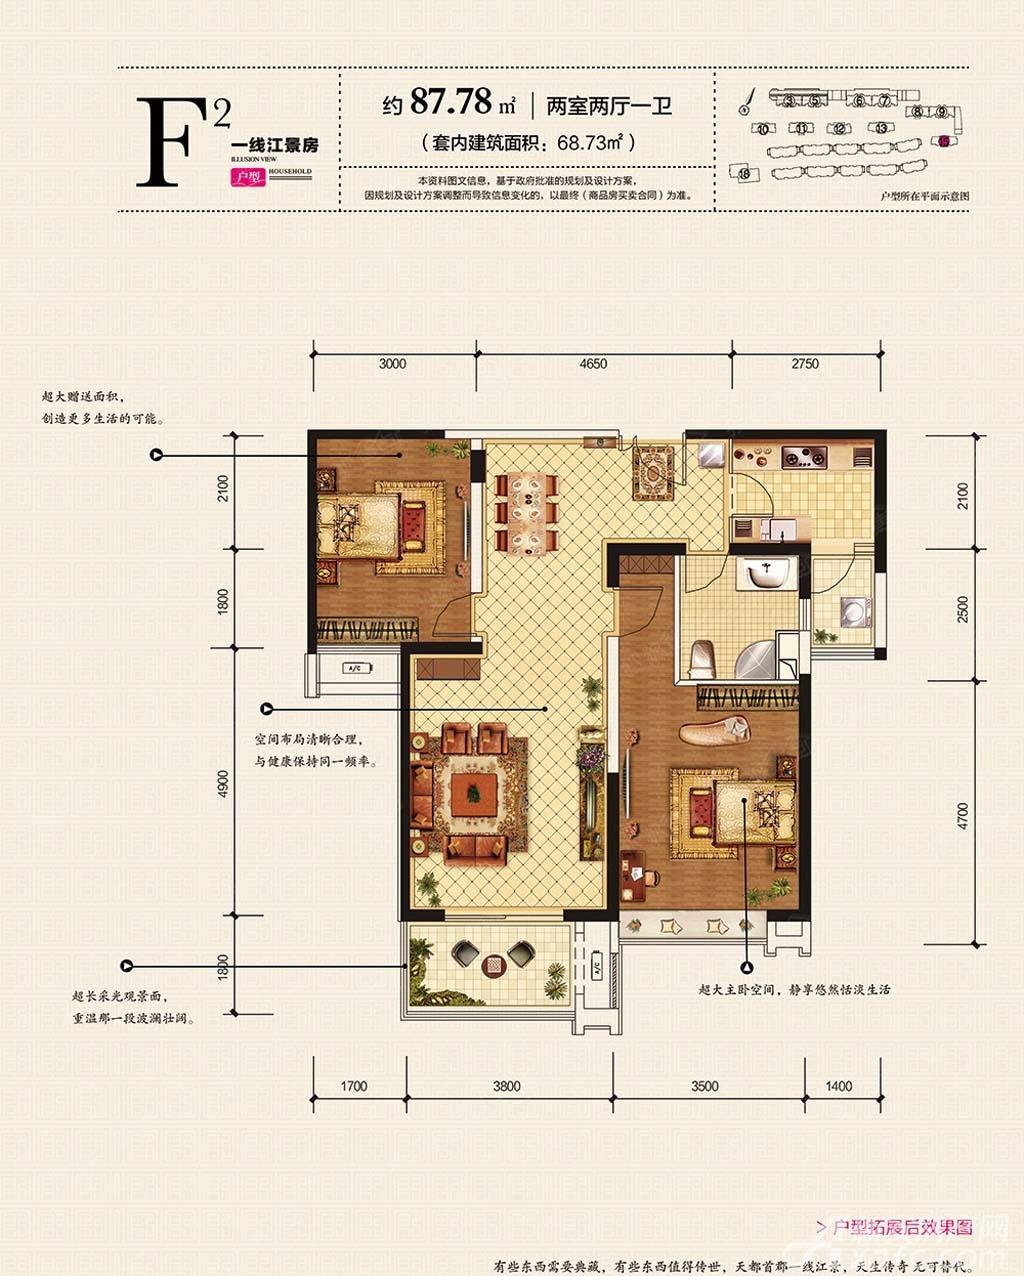 天都首郡15#楼F2户型江景房2室2厅87.78平米